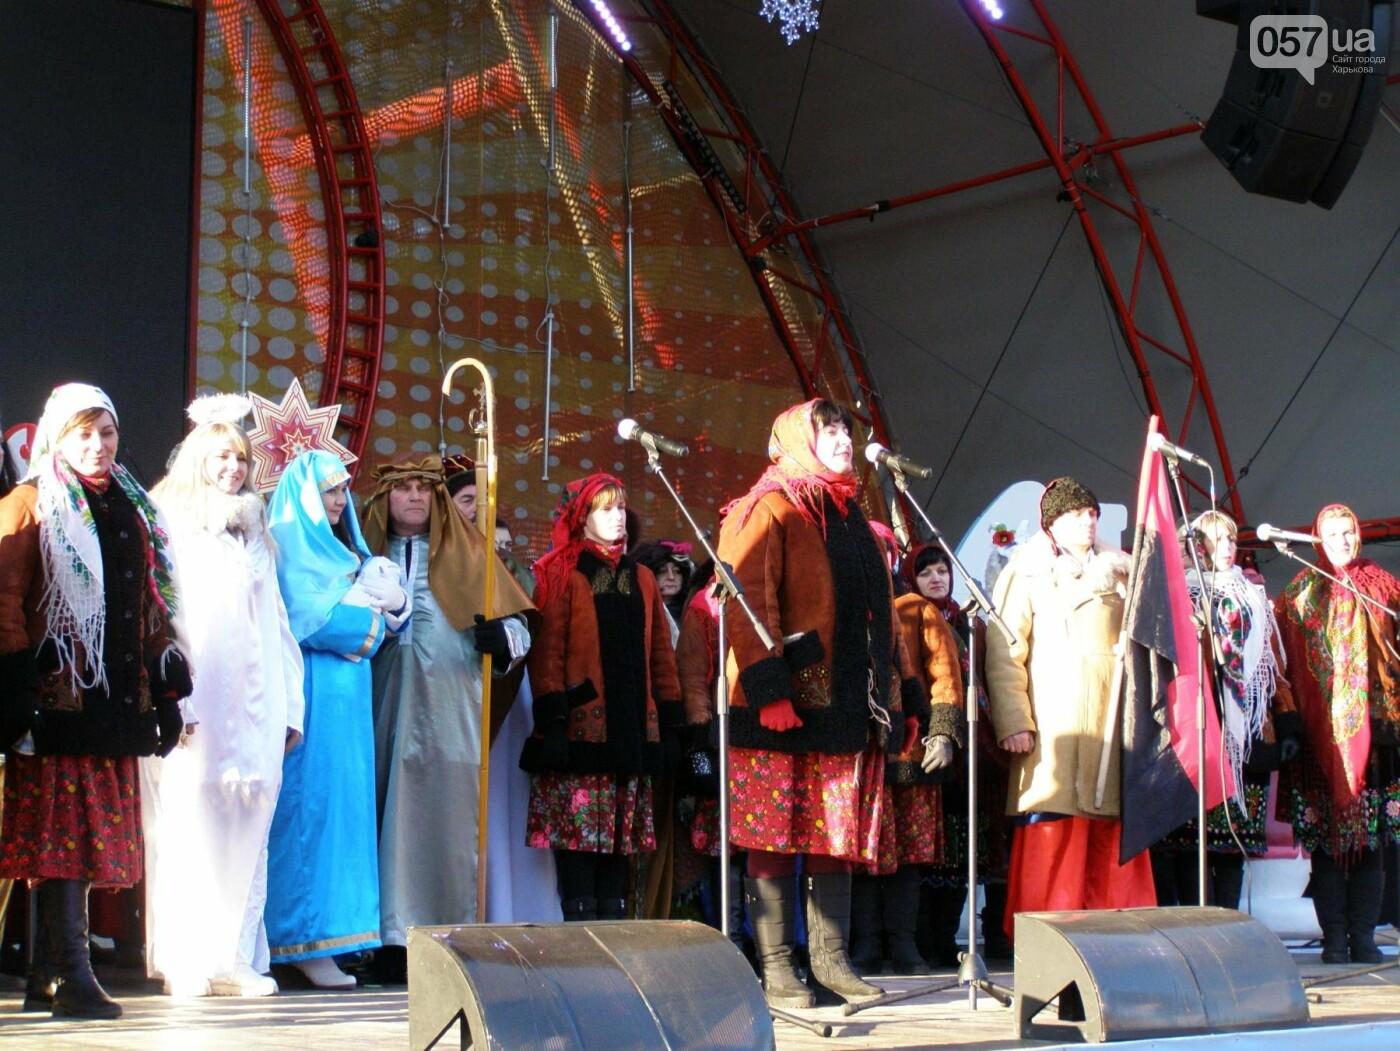 Как в парке Горького харьковчане отмечали Старый Новый год (ФОТО), фото-4